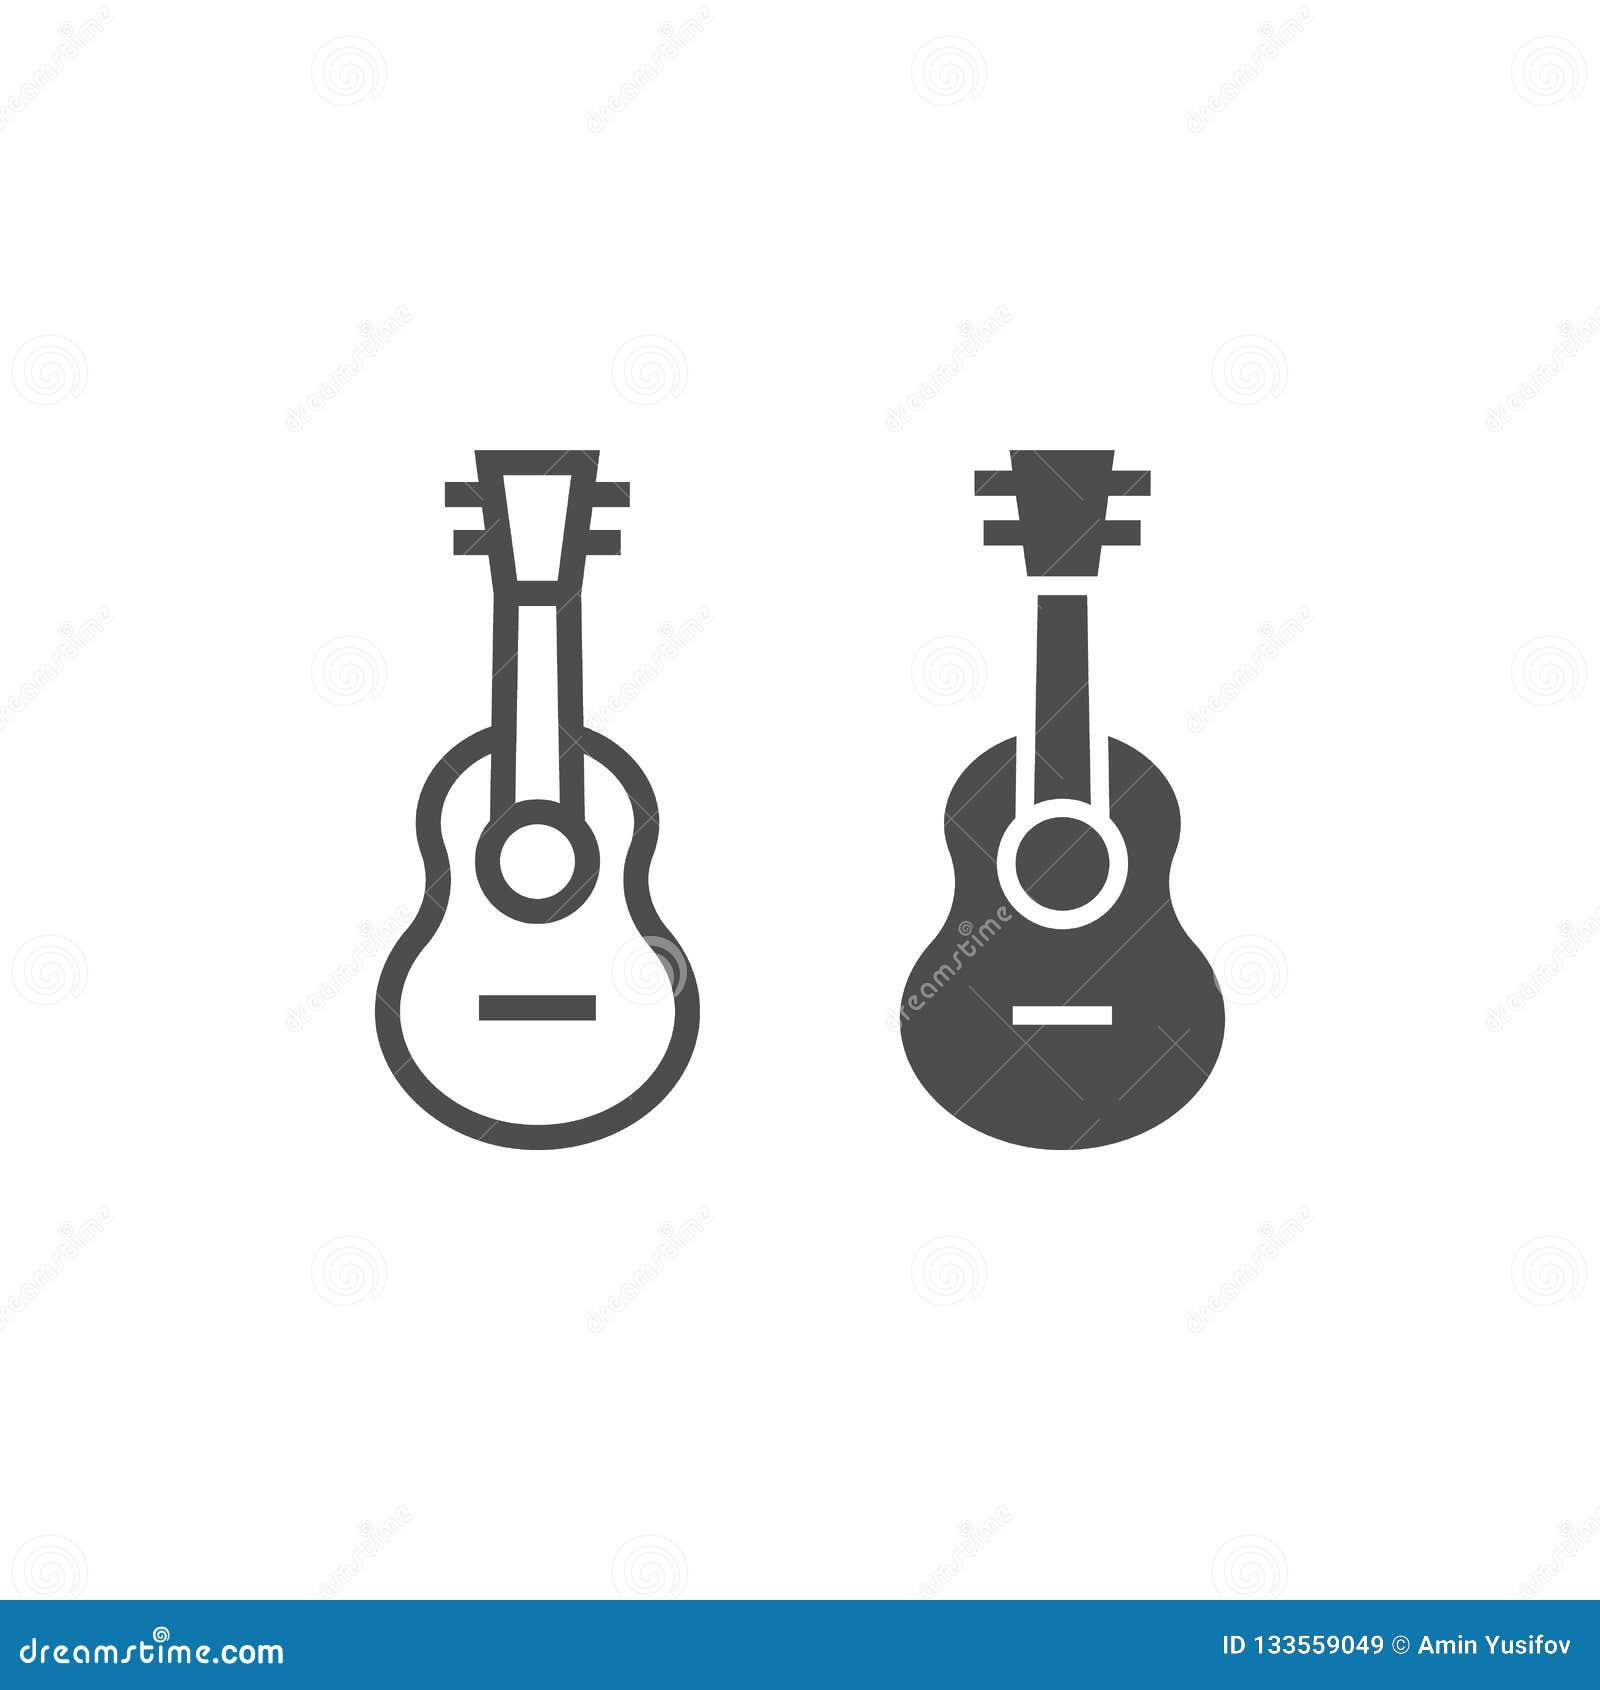 Γραμμή Ukulele και glyph εικονίδιο, μουσική και σειρά, σημάδι κιθάρων, διανυσματική γραφική παράσταση, ένα γραμμικό σχέδιο σε ένα